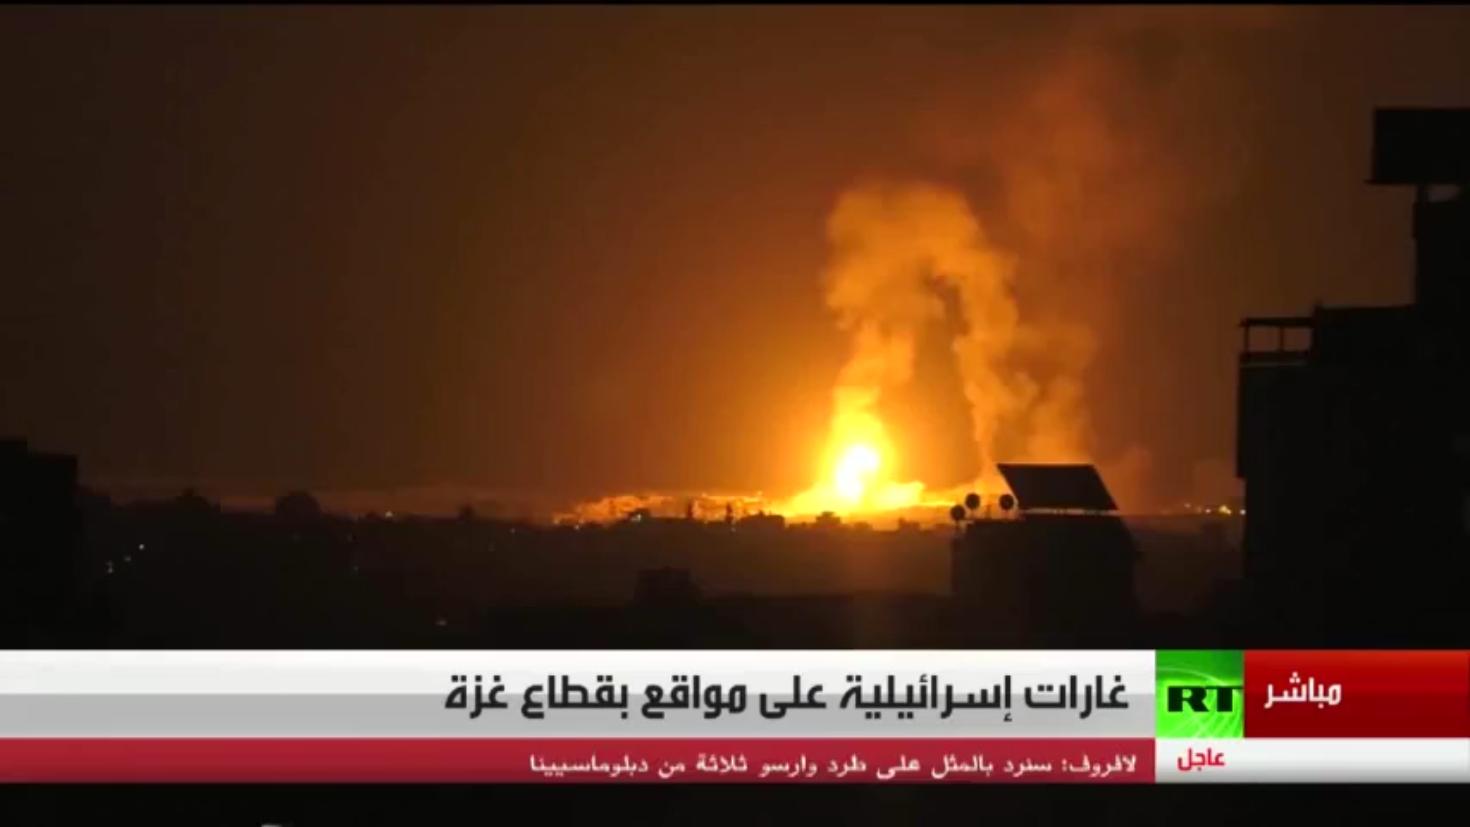 غارات إسرائيلية تسـتهدف مواقع في قطاع غزة